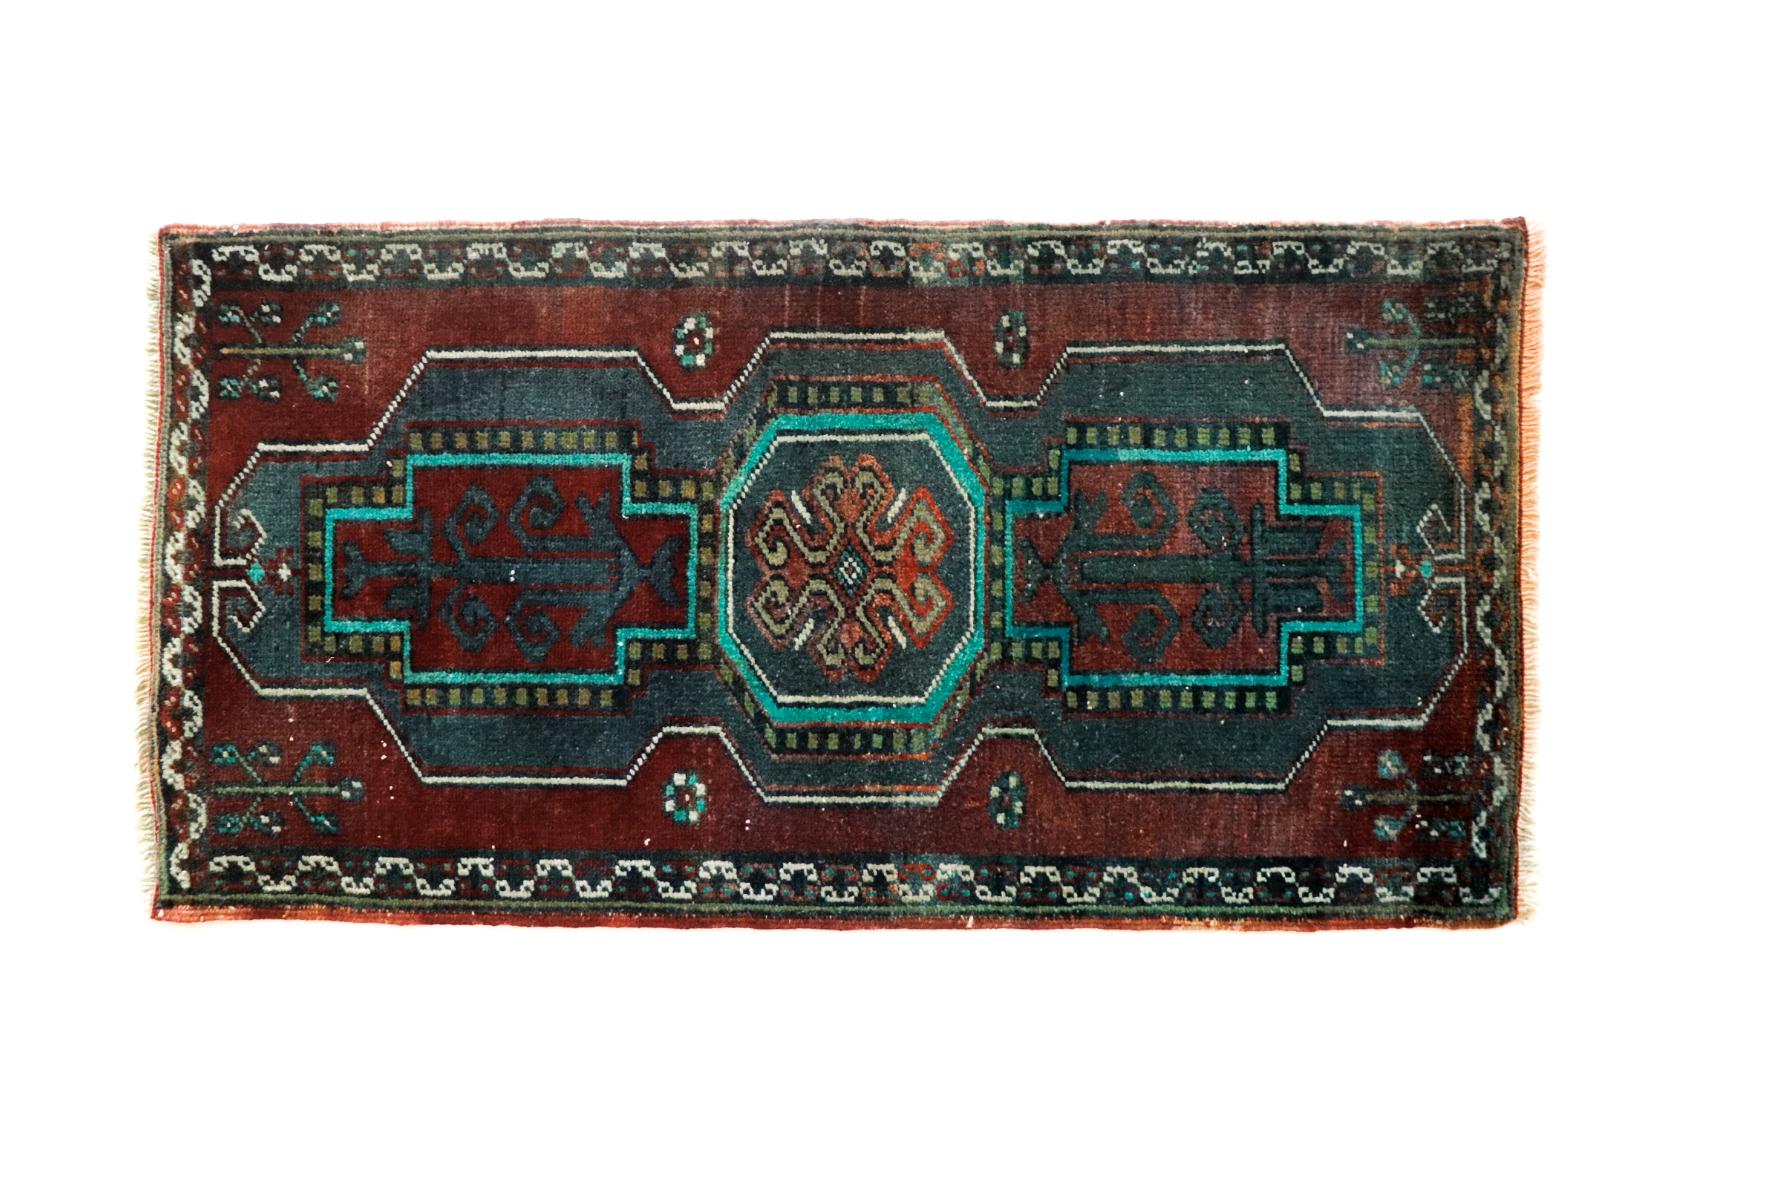 Handmade Vintage Turkishg Kilim Rug - Burgundy and Teal